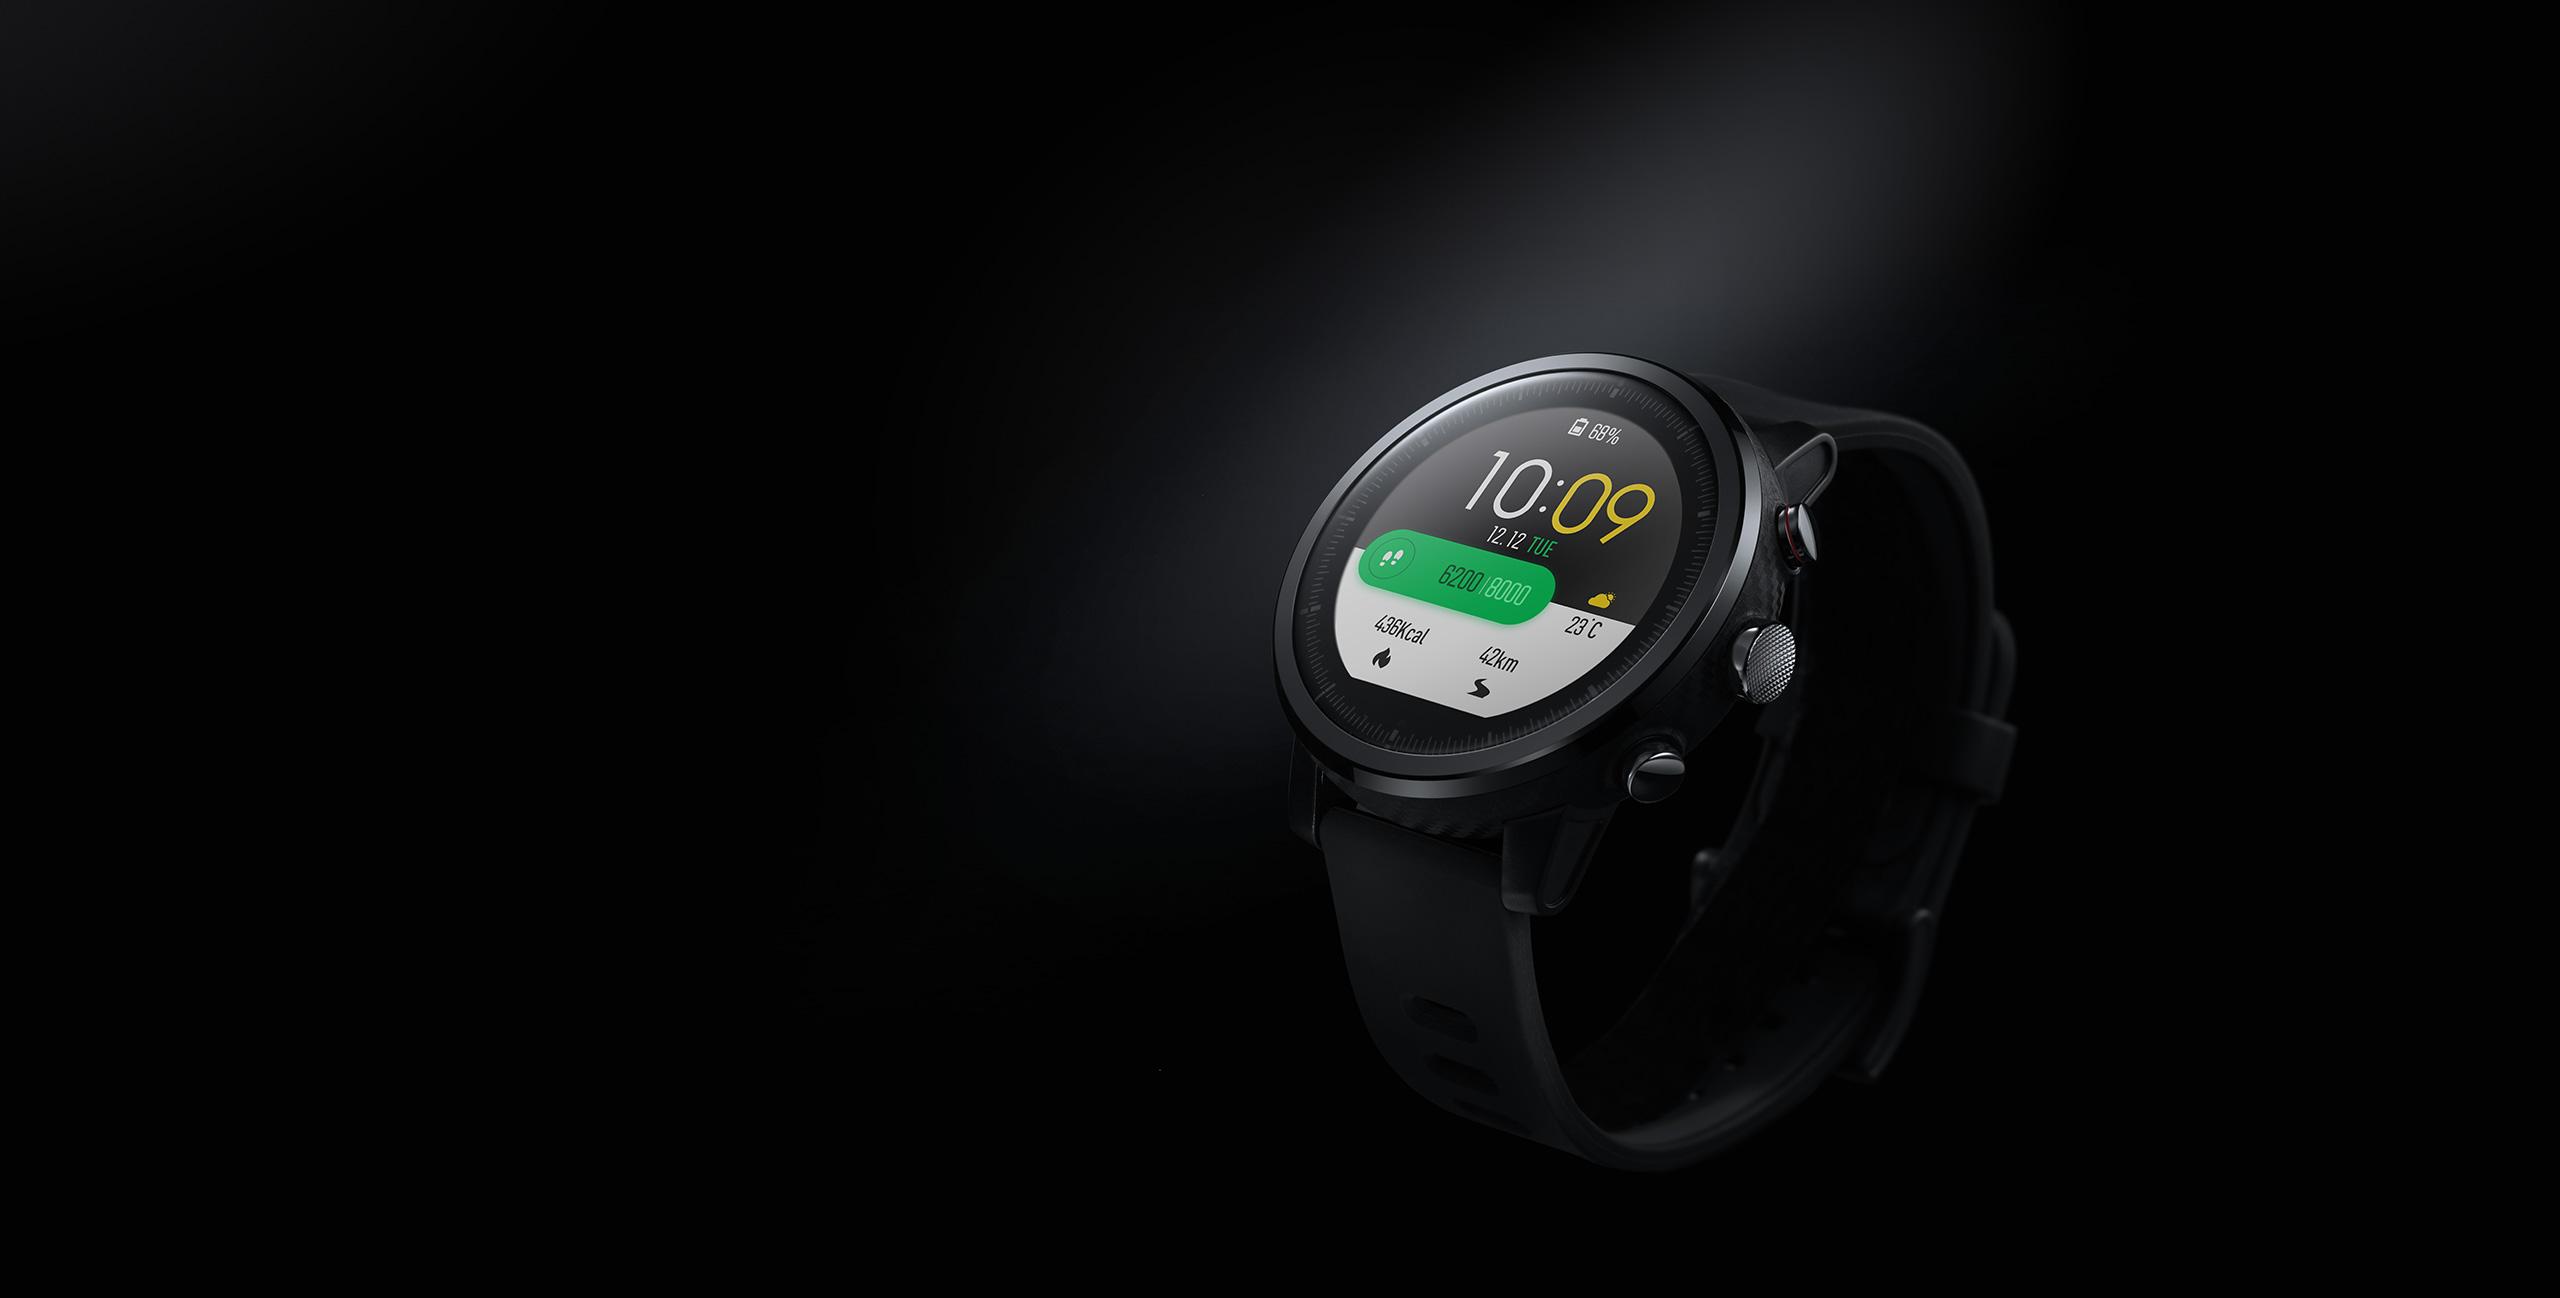 Xiaomi Huami Amazfit 2 smartwatch 7 · Xiaomi Huami Amazfit 2 smartwatch 6